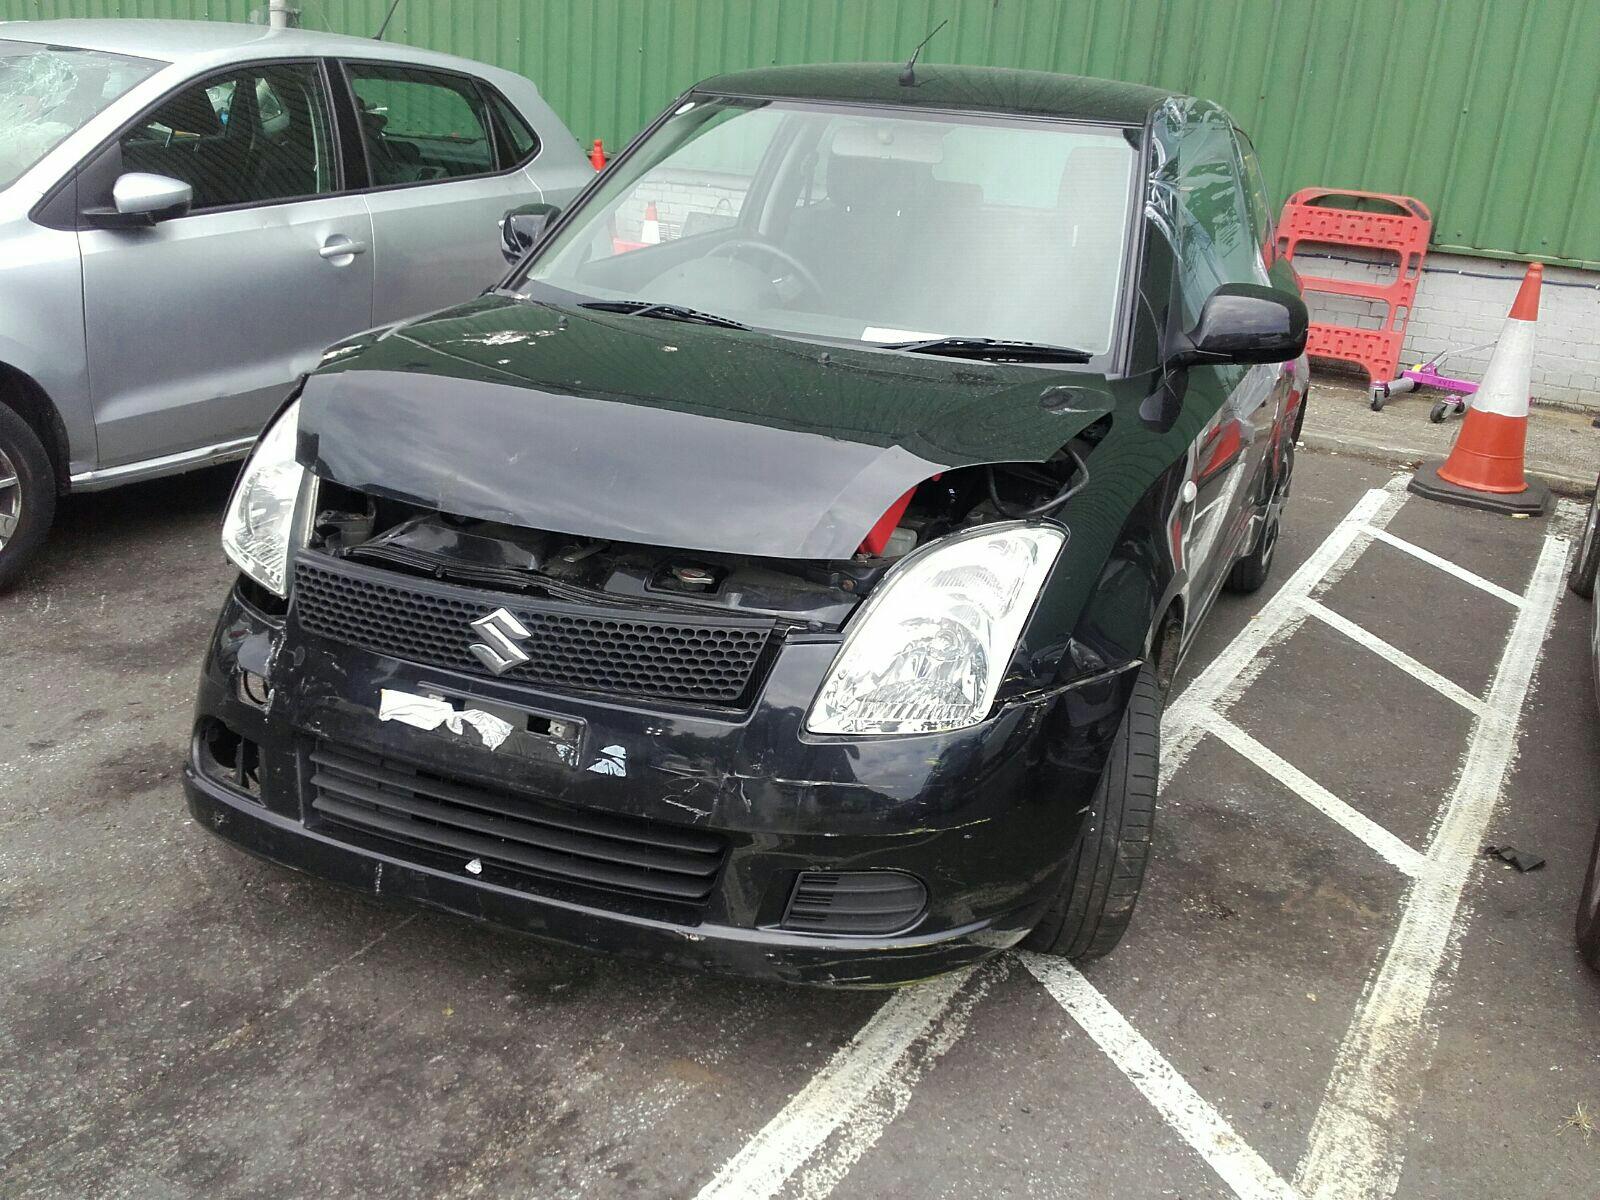 Suzuki Swift 2005 To 2010 GL 3 Door Hatchback